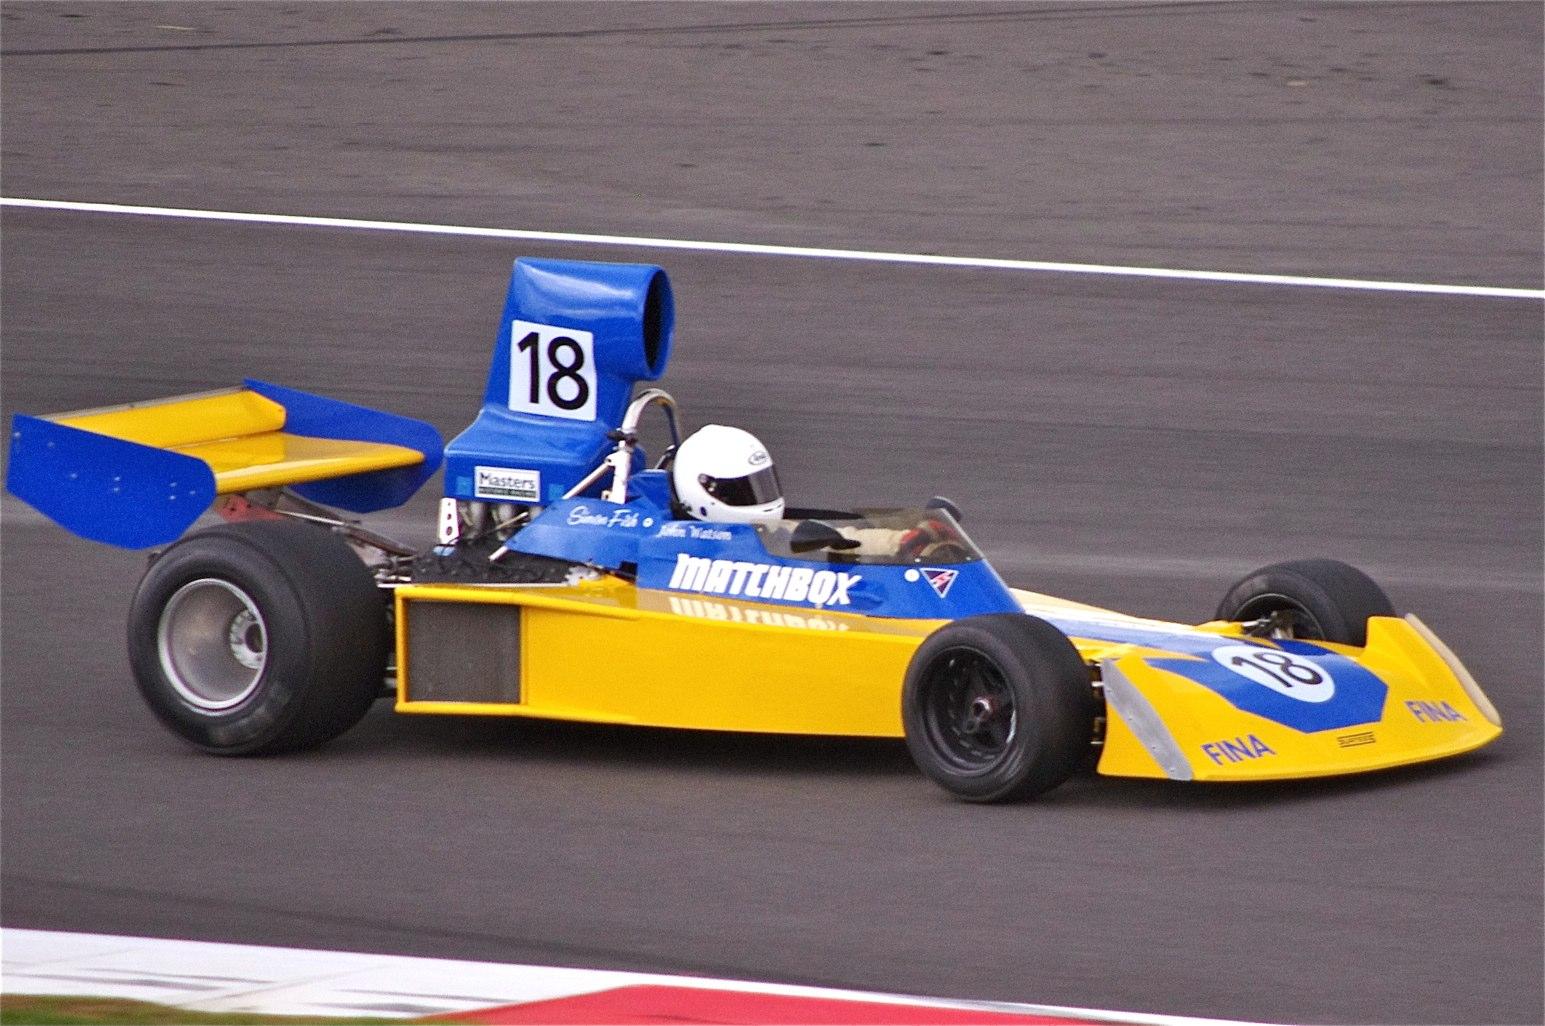 L'accident de Grosjean et ses suites - Page 7 Surtees_TS16